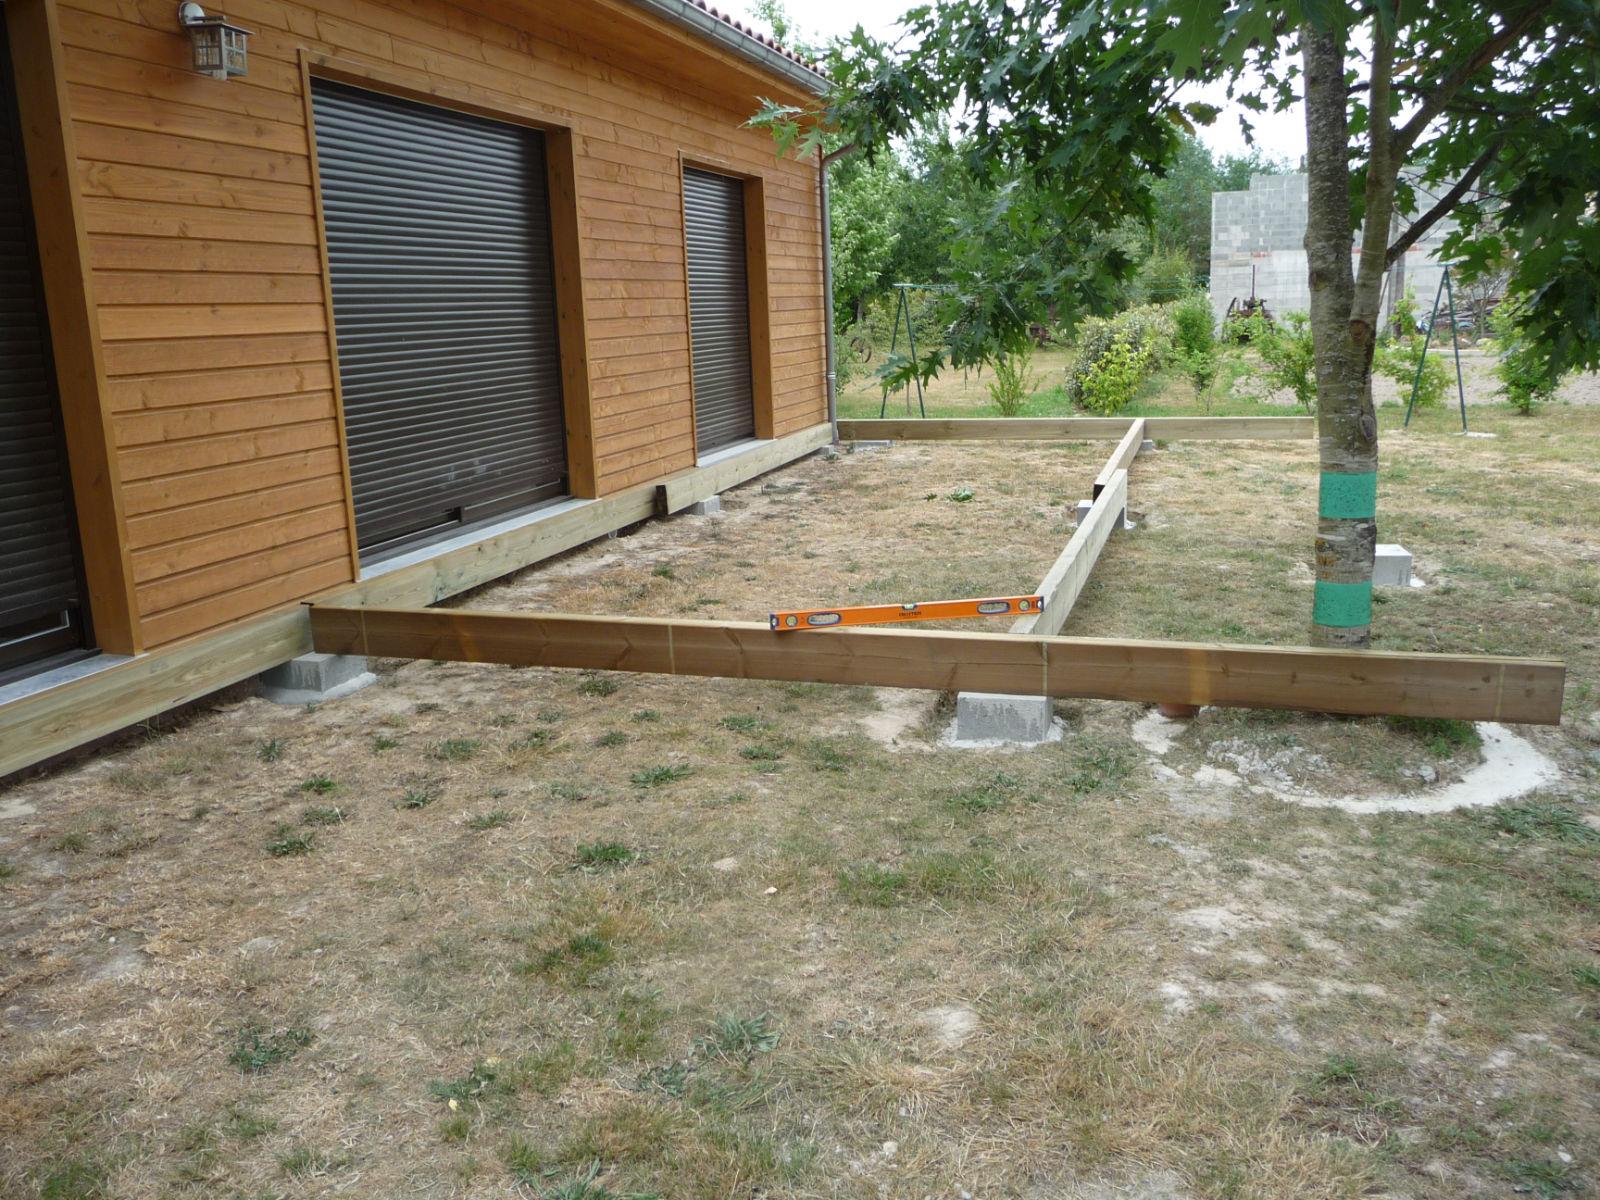 Ossature Métallique Pour Terrasse Bois assemblage de l'ossature porteuse - construire sa terrasse